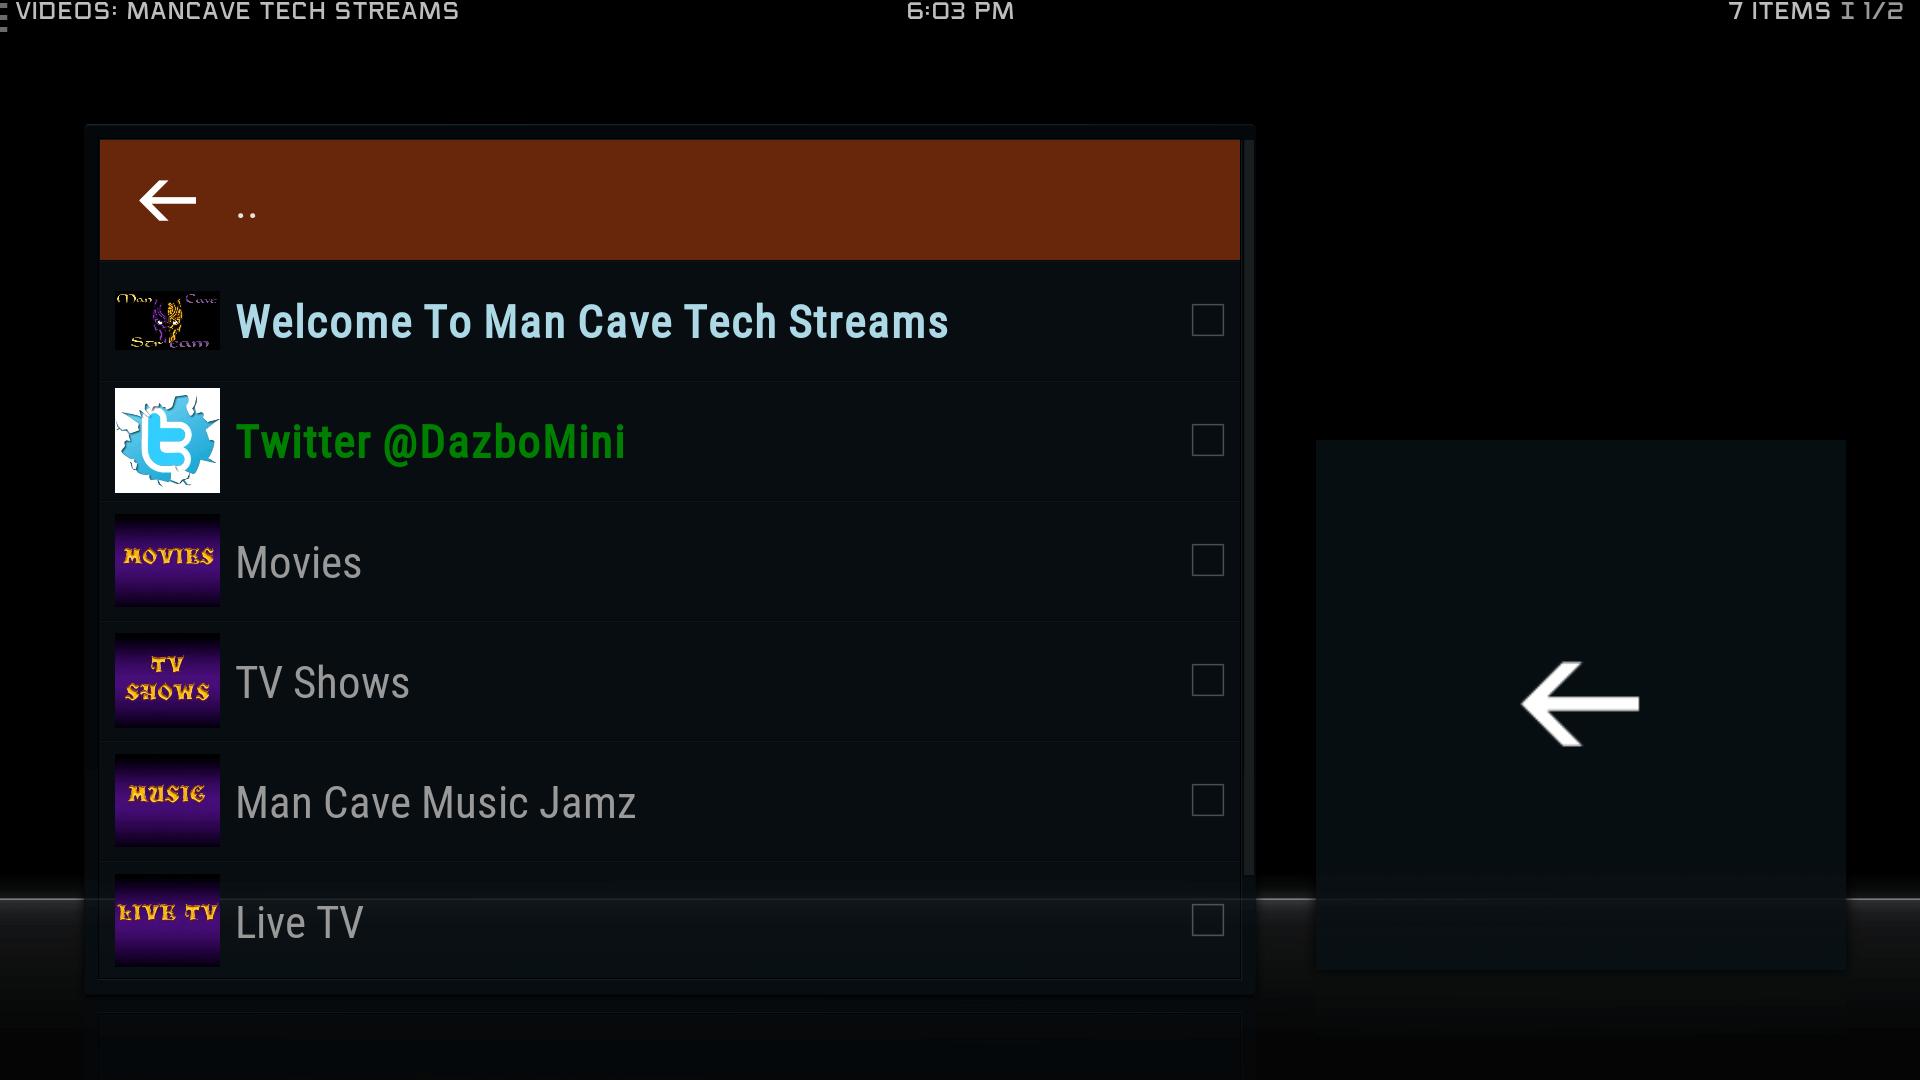 Man Cave Repo : Guide install mancave tech streams kodi krypton addon repo